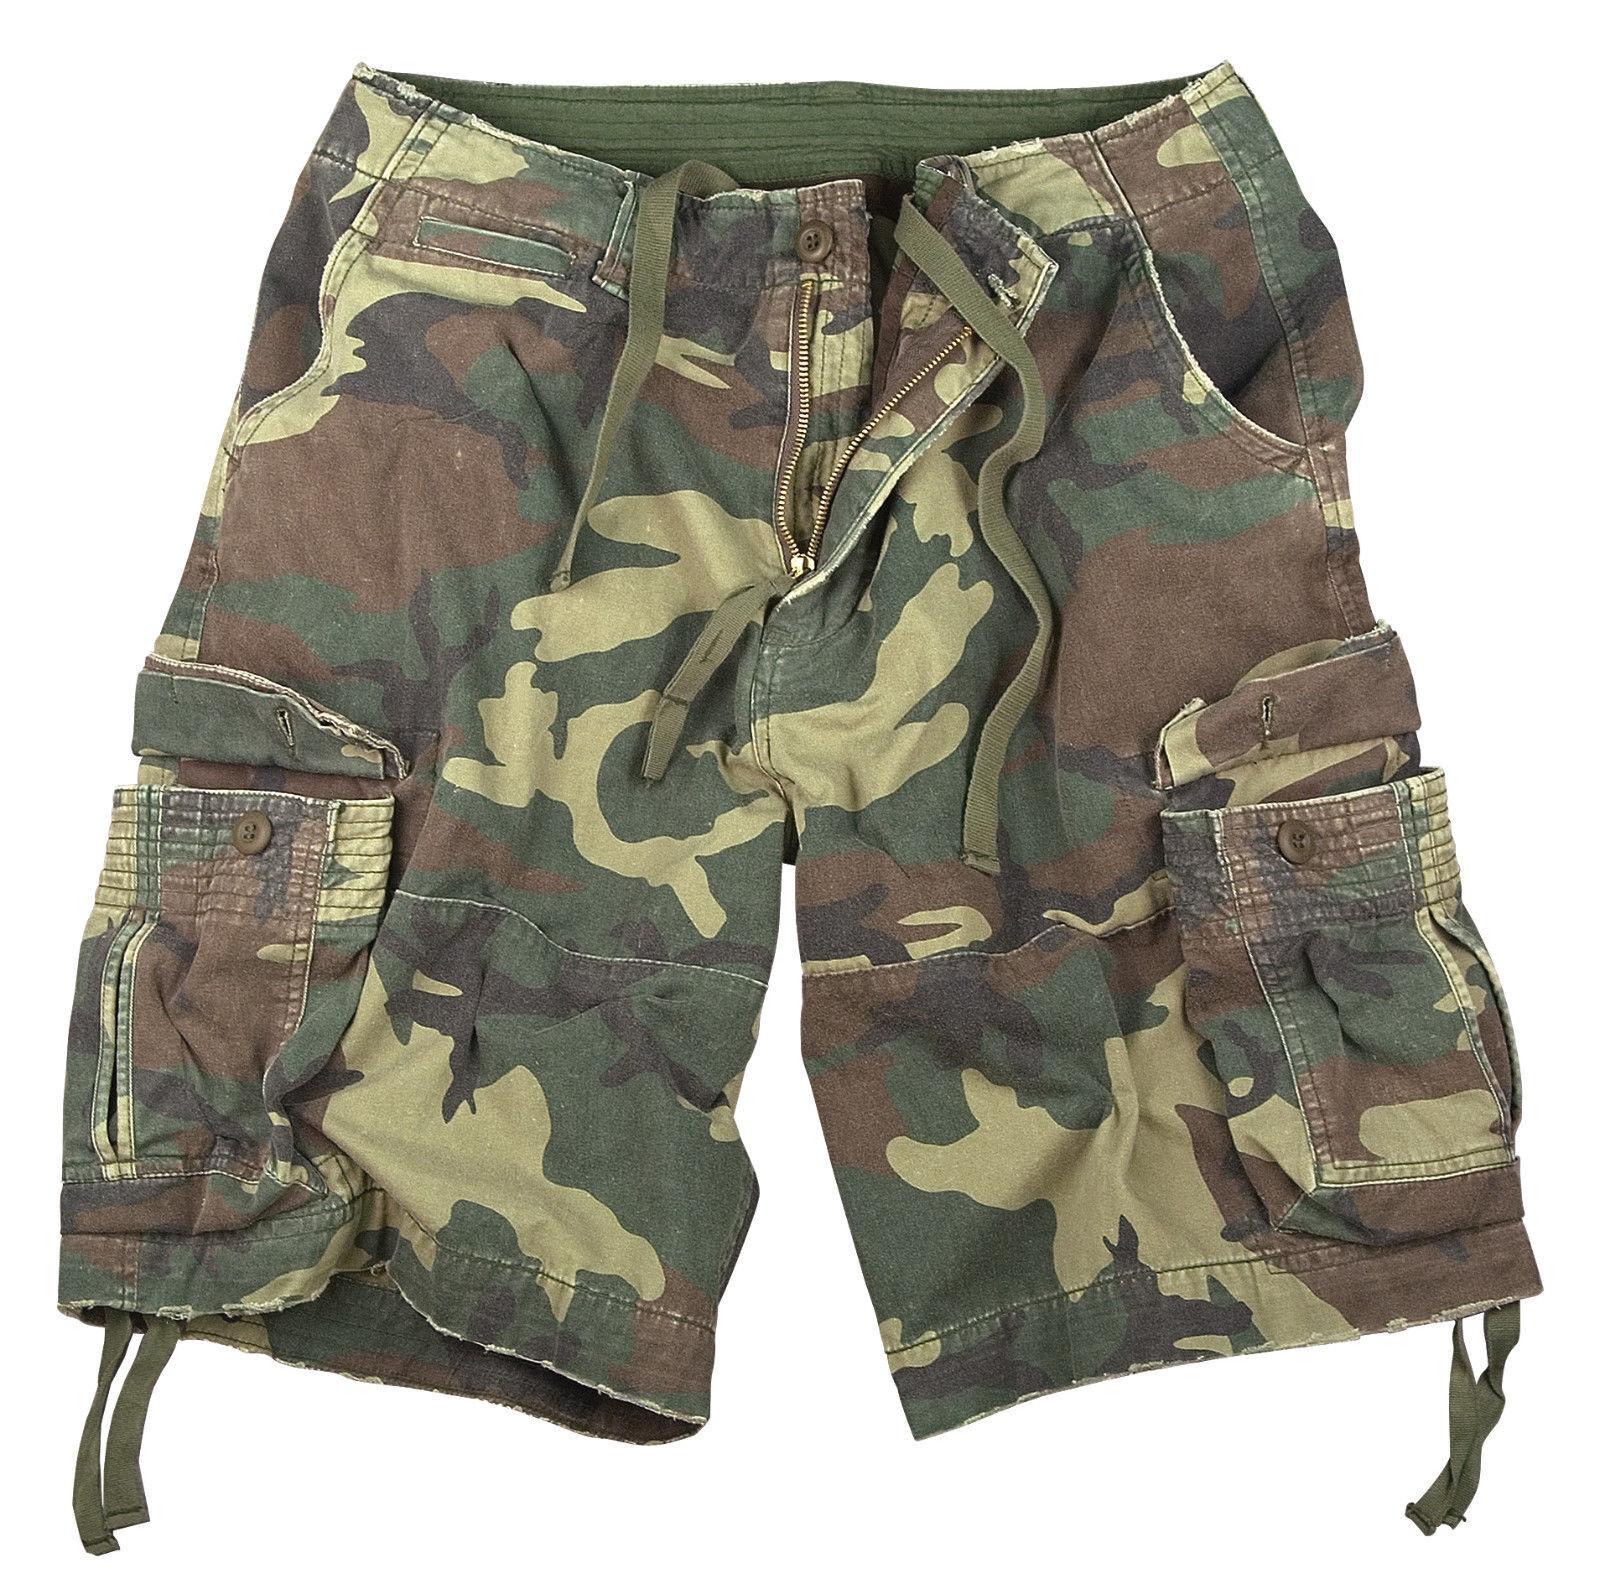 Shorts cargo camo woodland vintage military style infantry utility redhco 2540